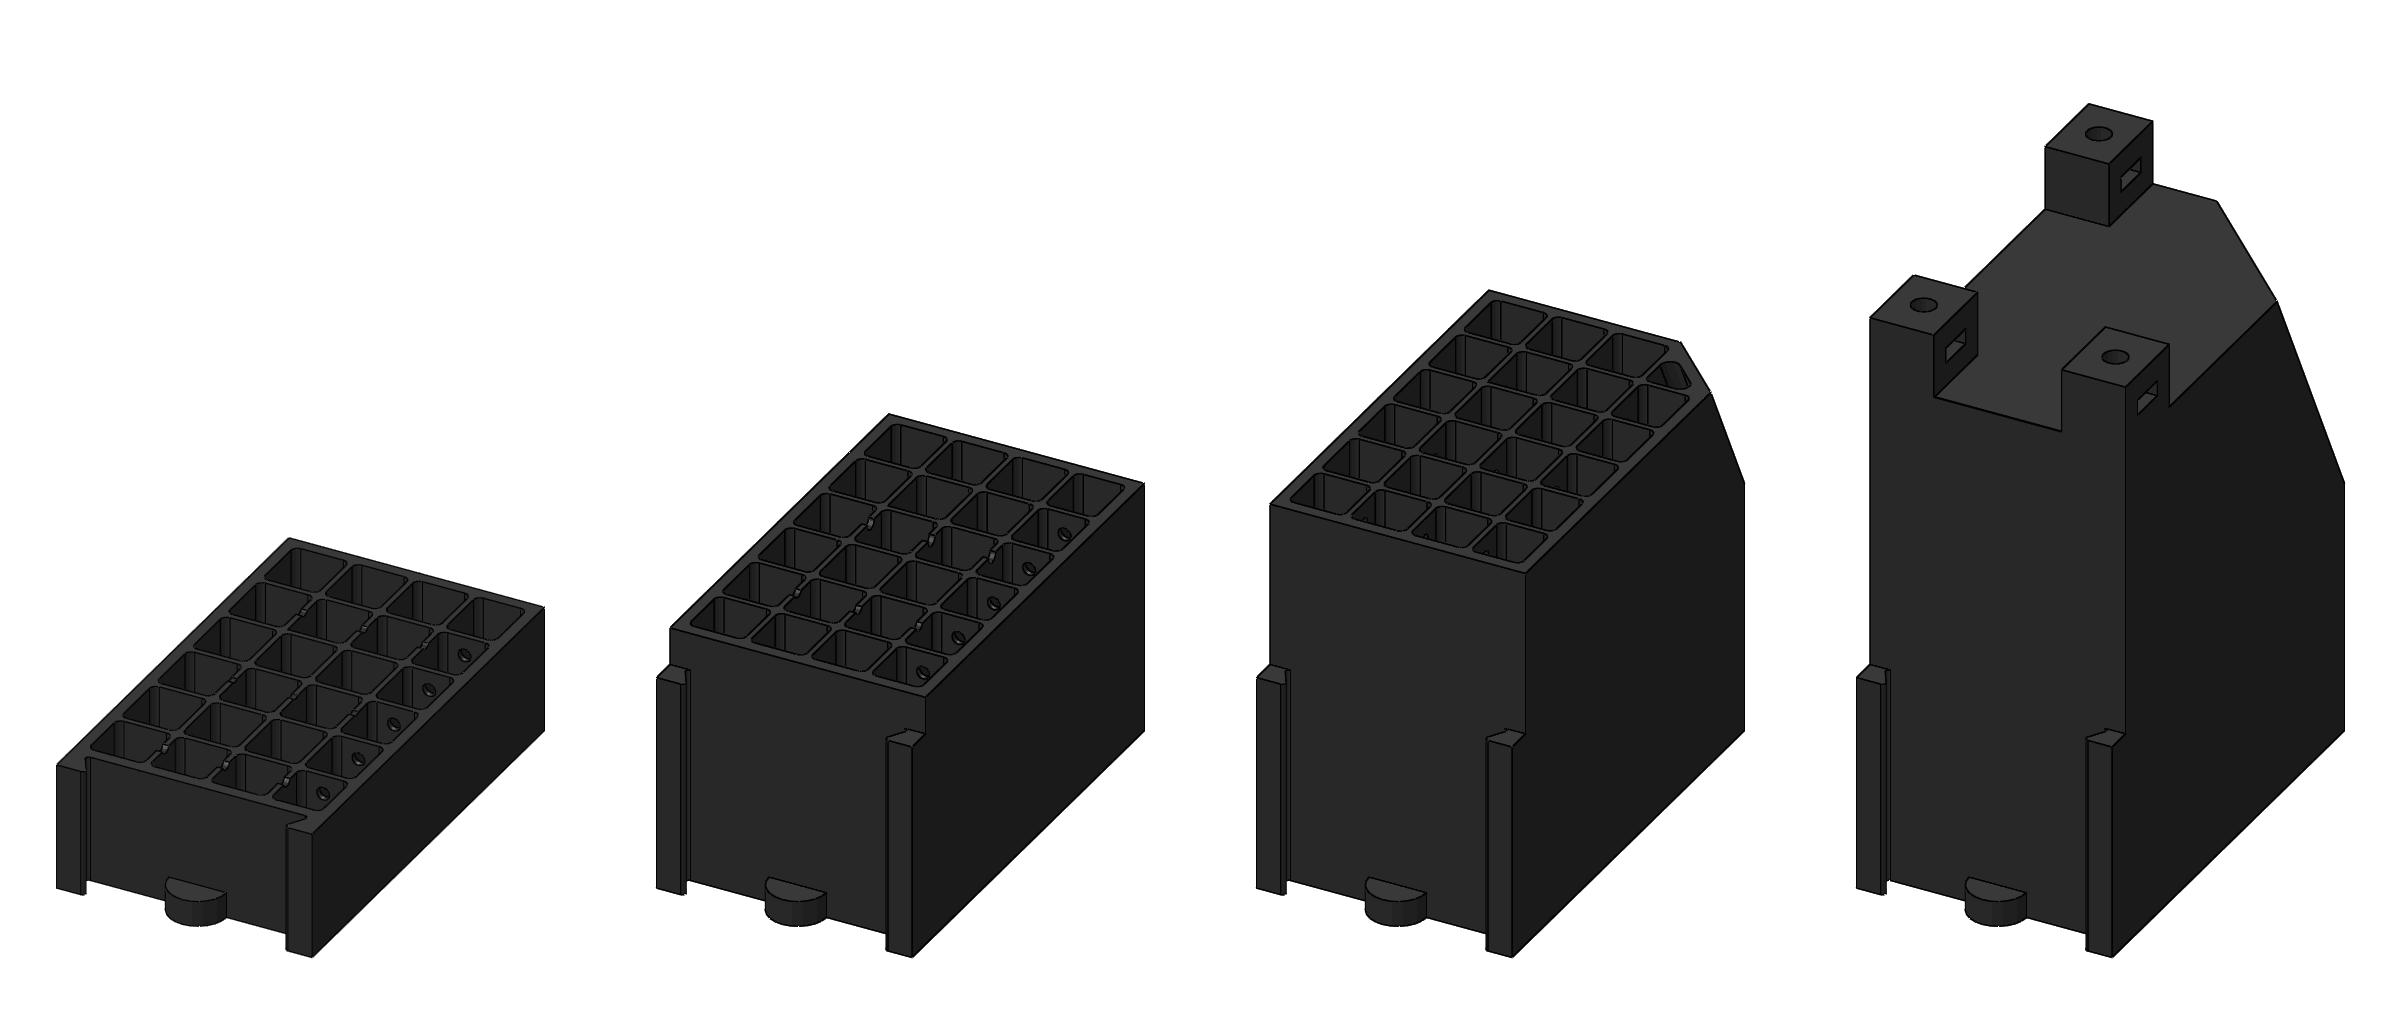 Third prototype internals